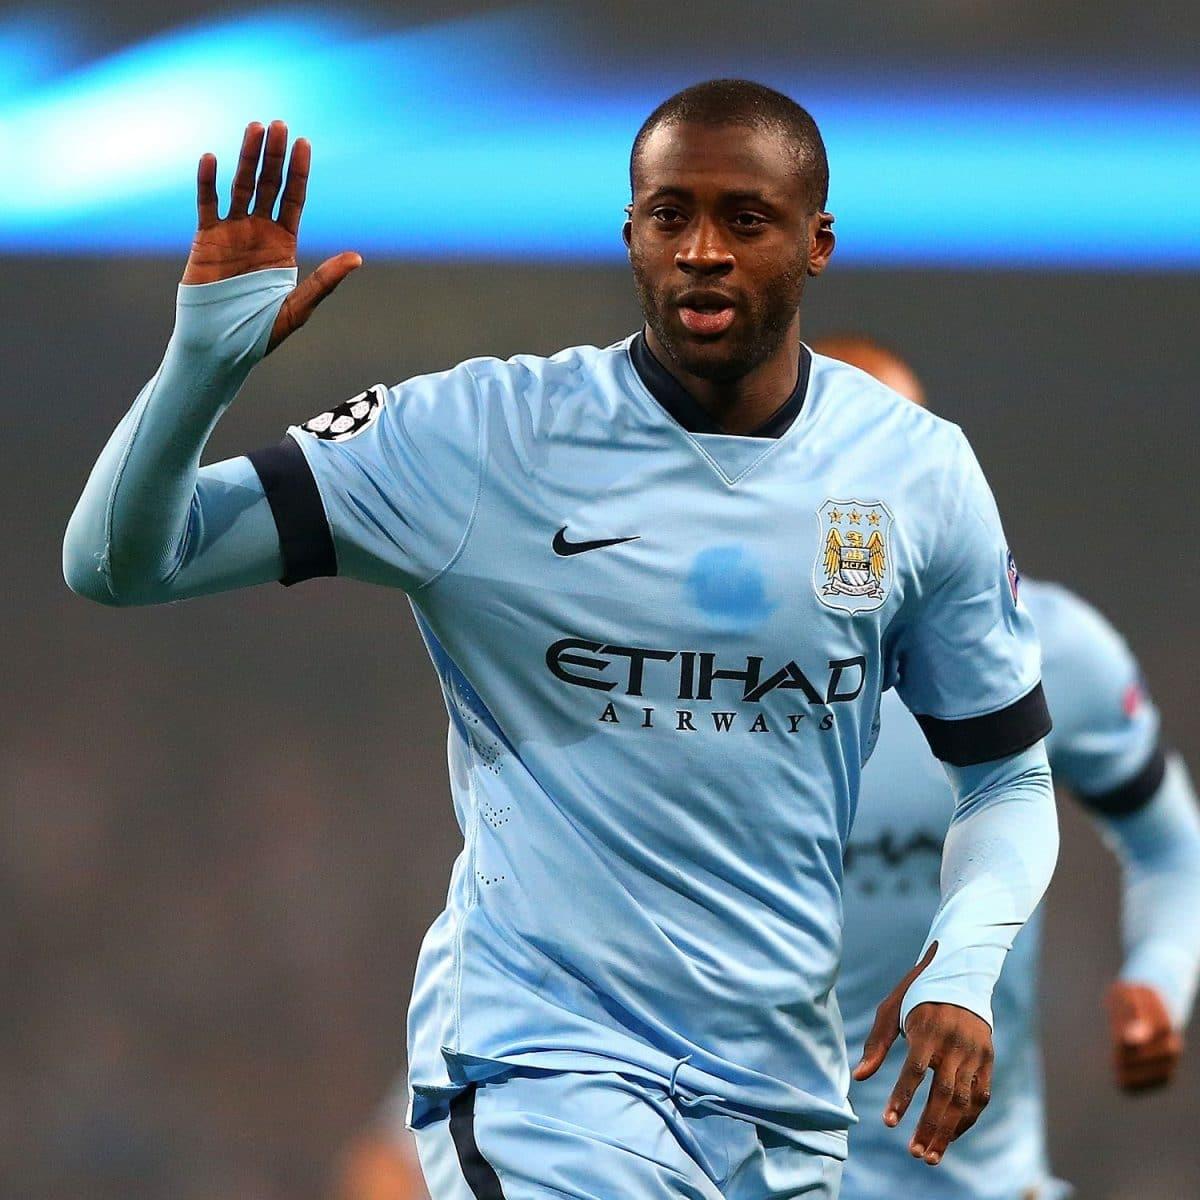 Troublantes révélations de Yaya Touré l'ancien joueur de Manchester City sur son passage dans ce club mythique !